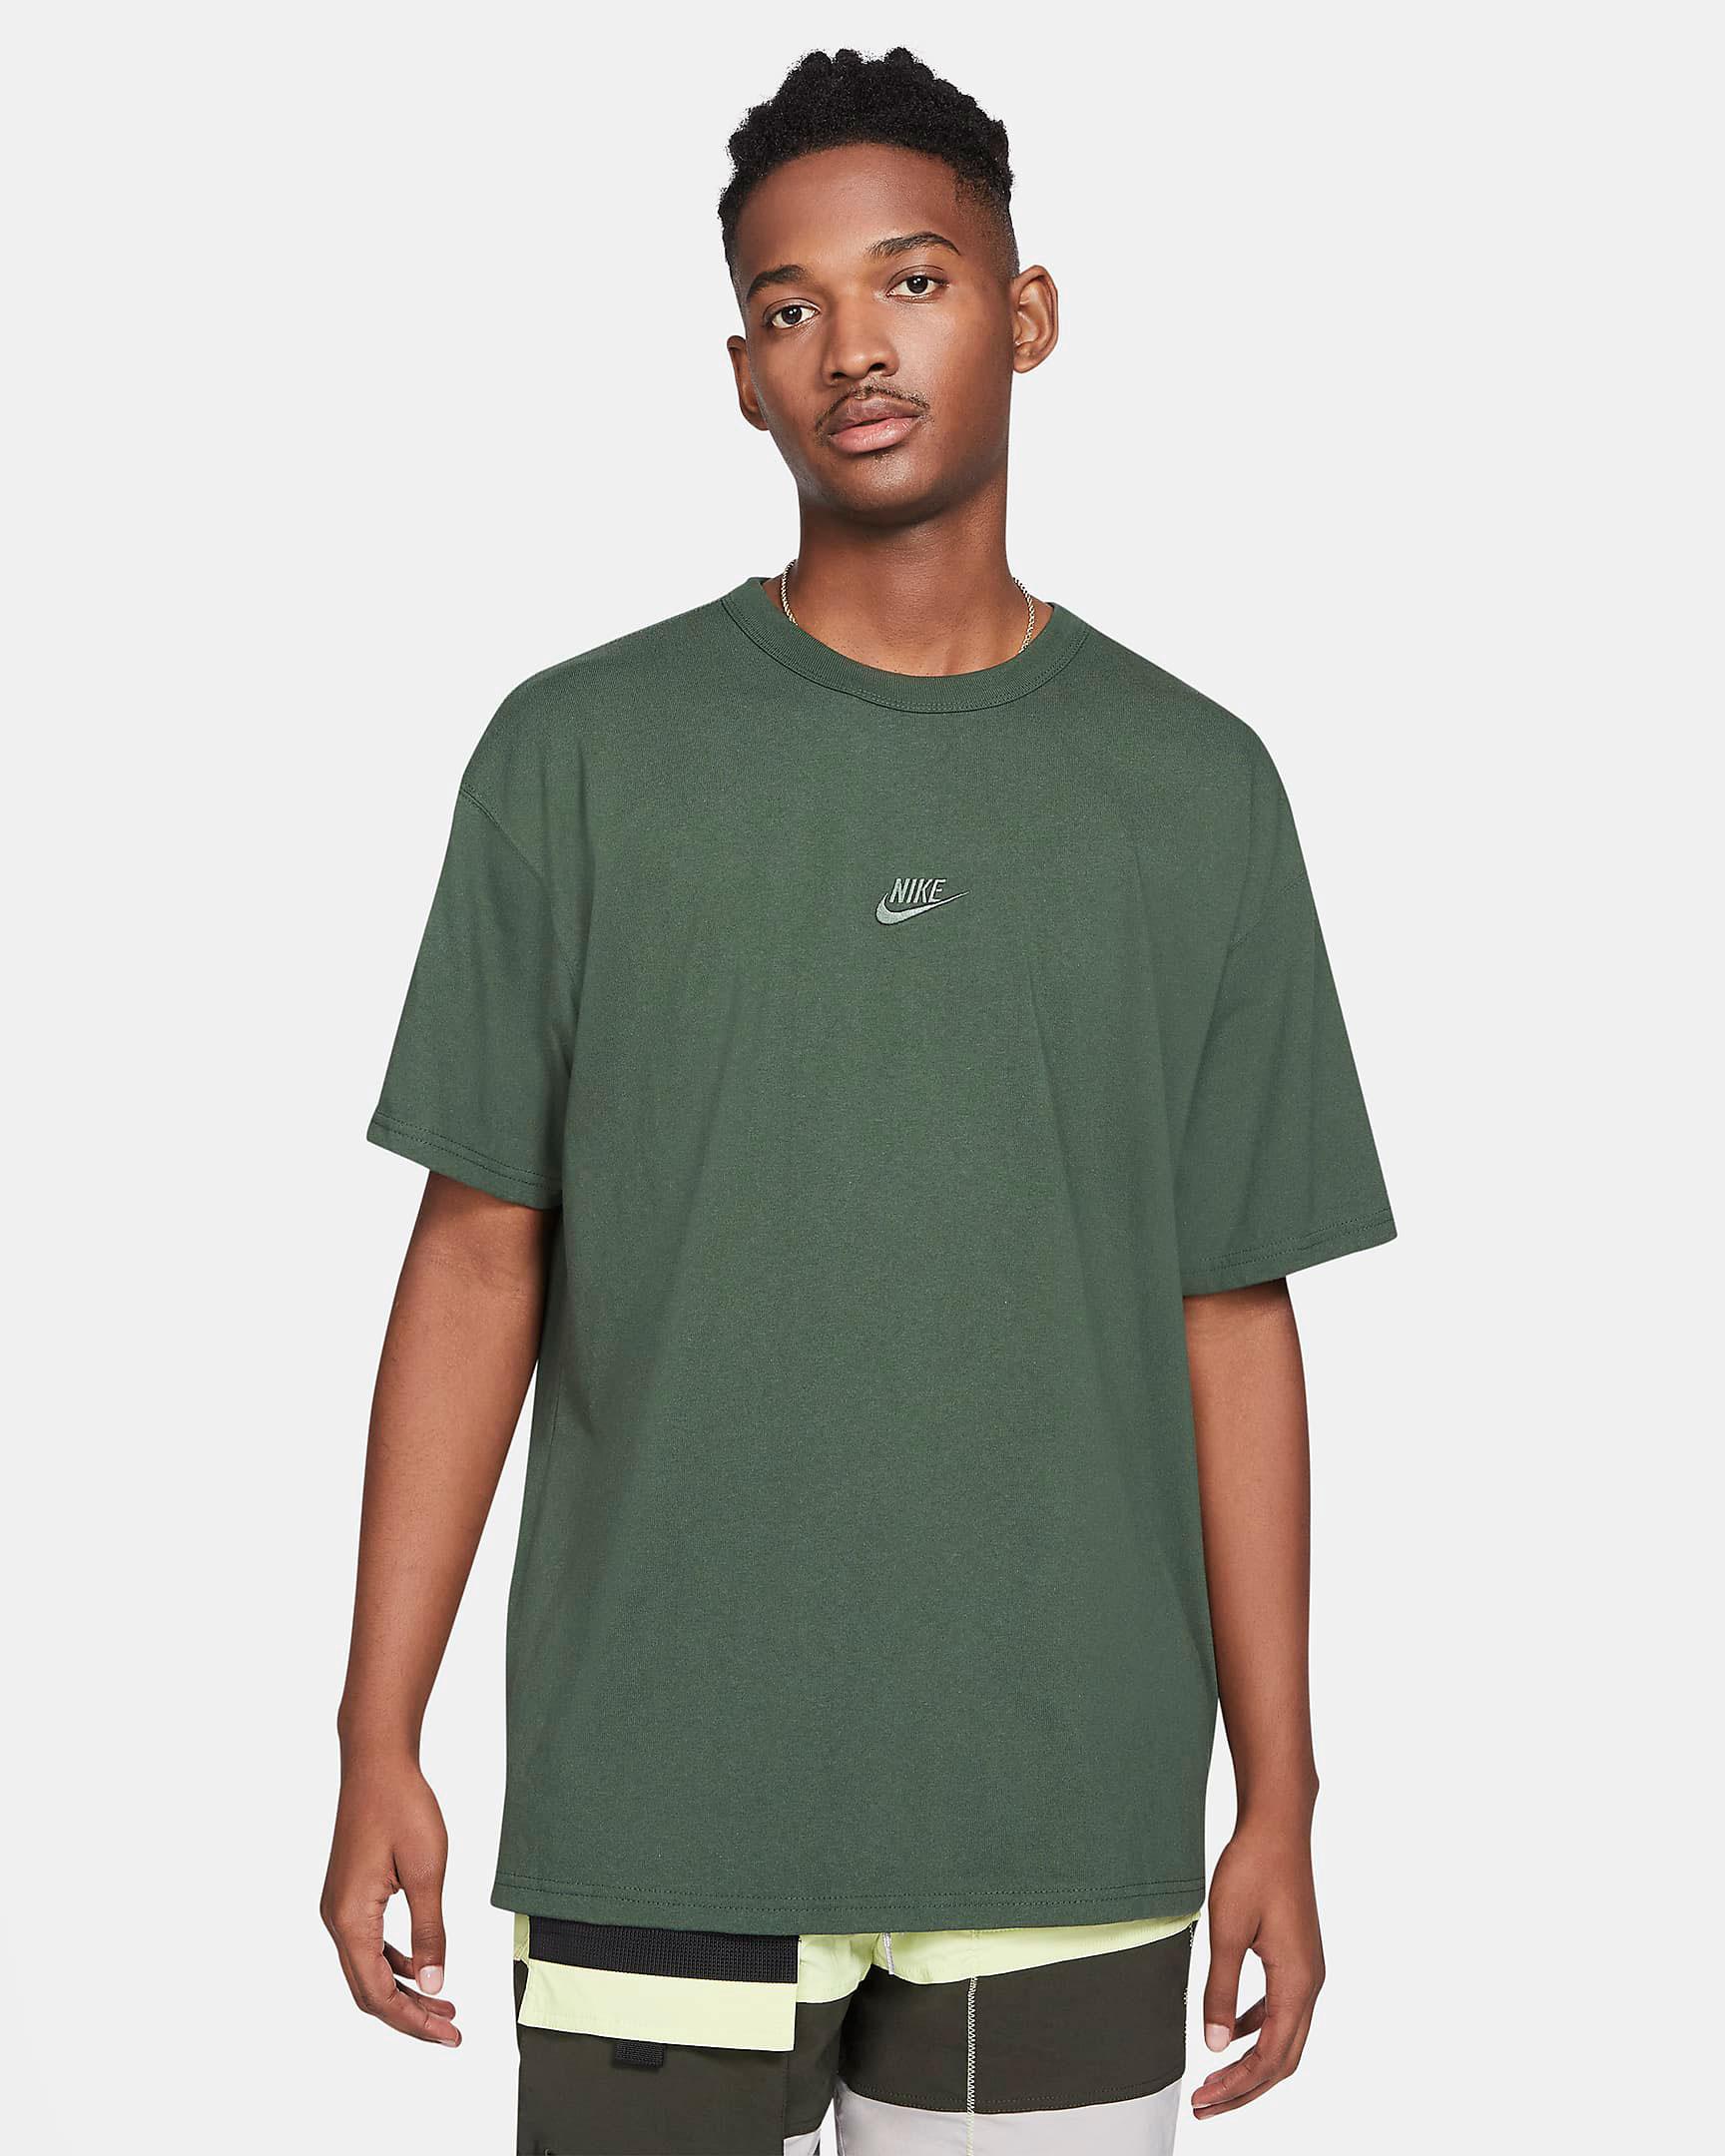 nike-galactic-jade-t-shirt-1